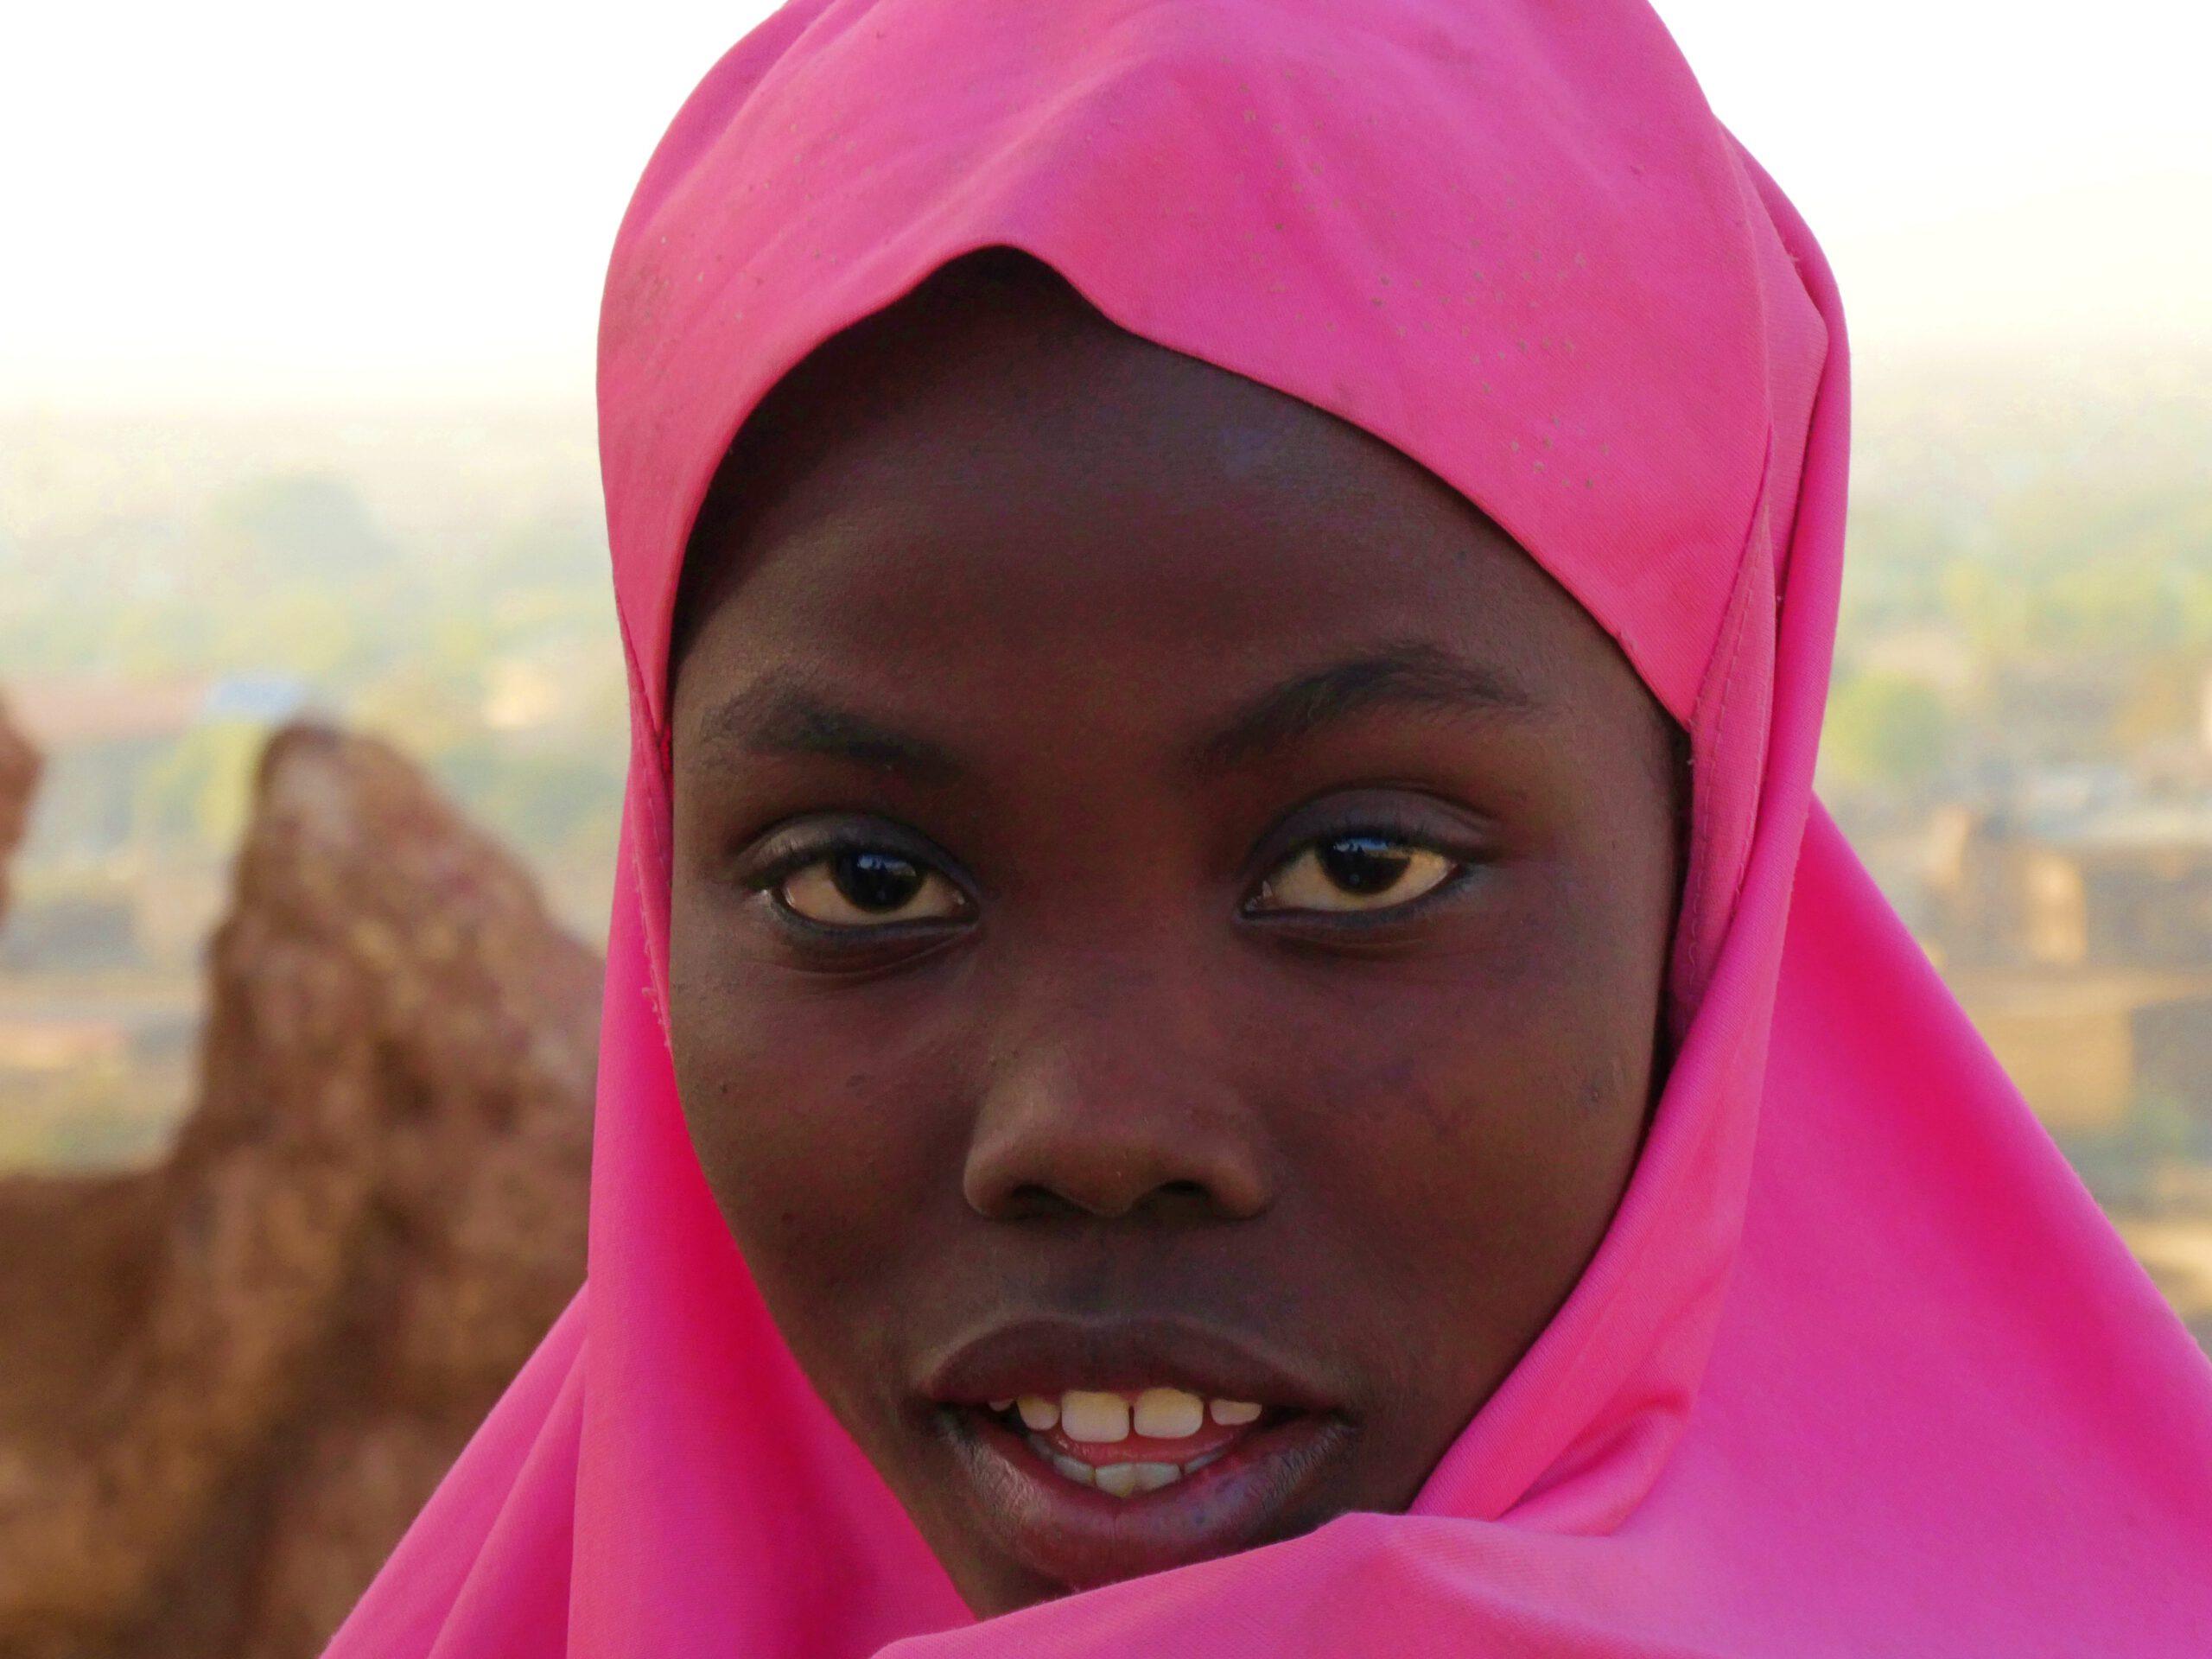 Una chica de Kano